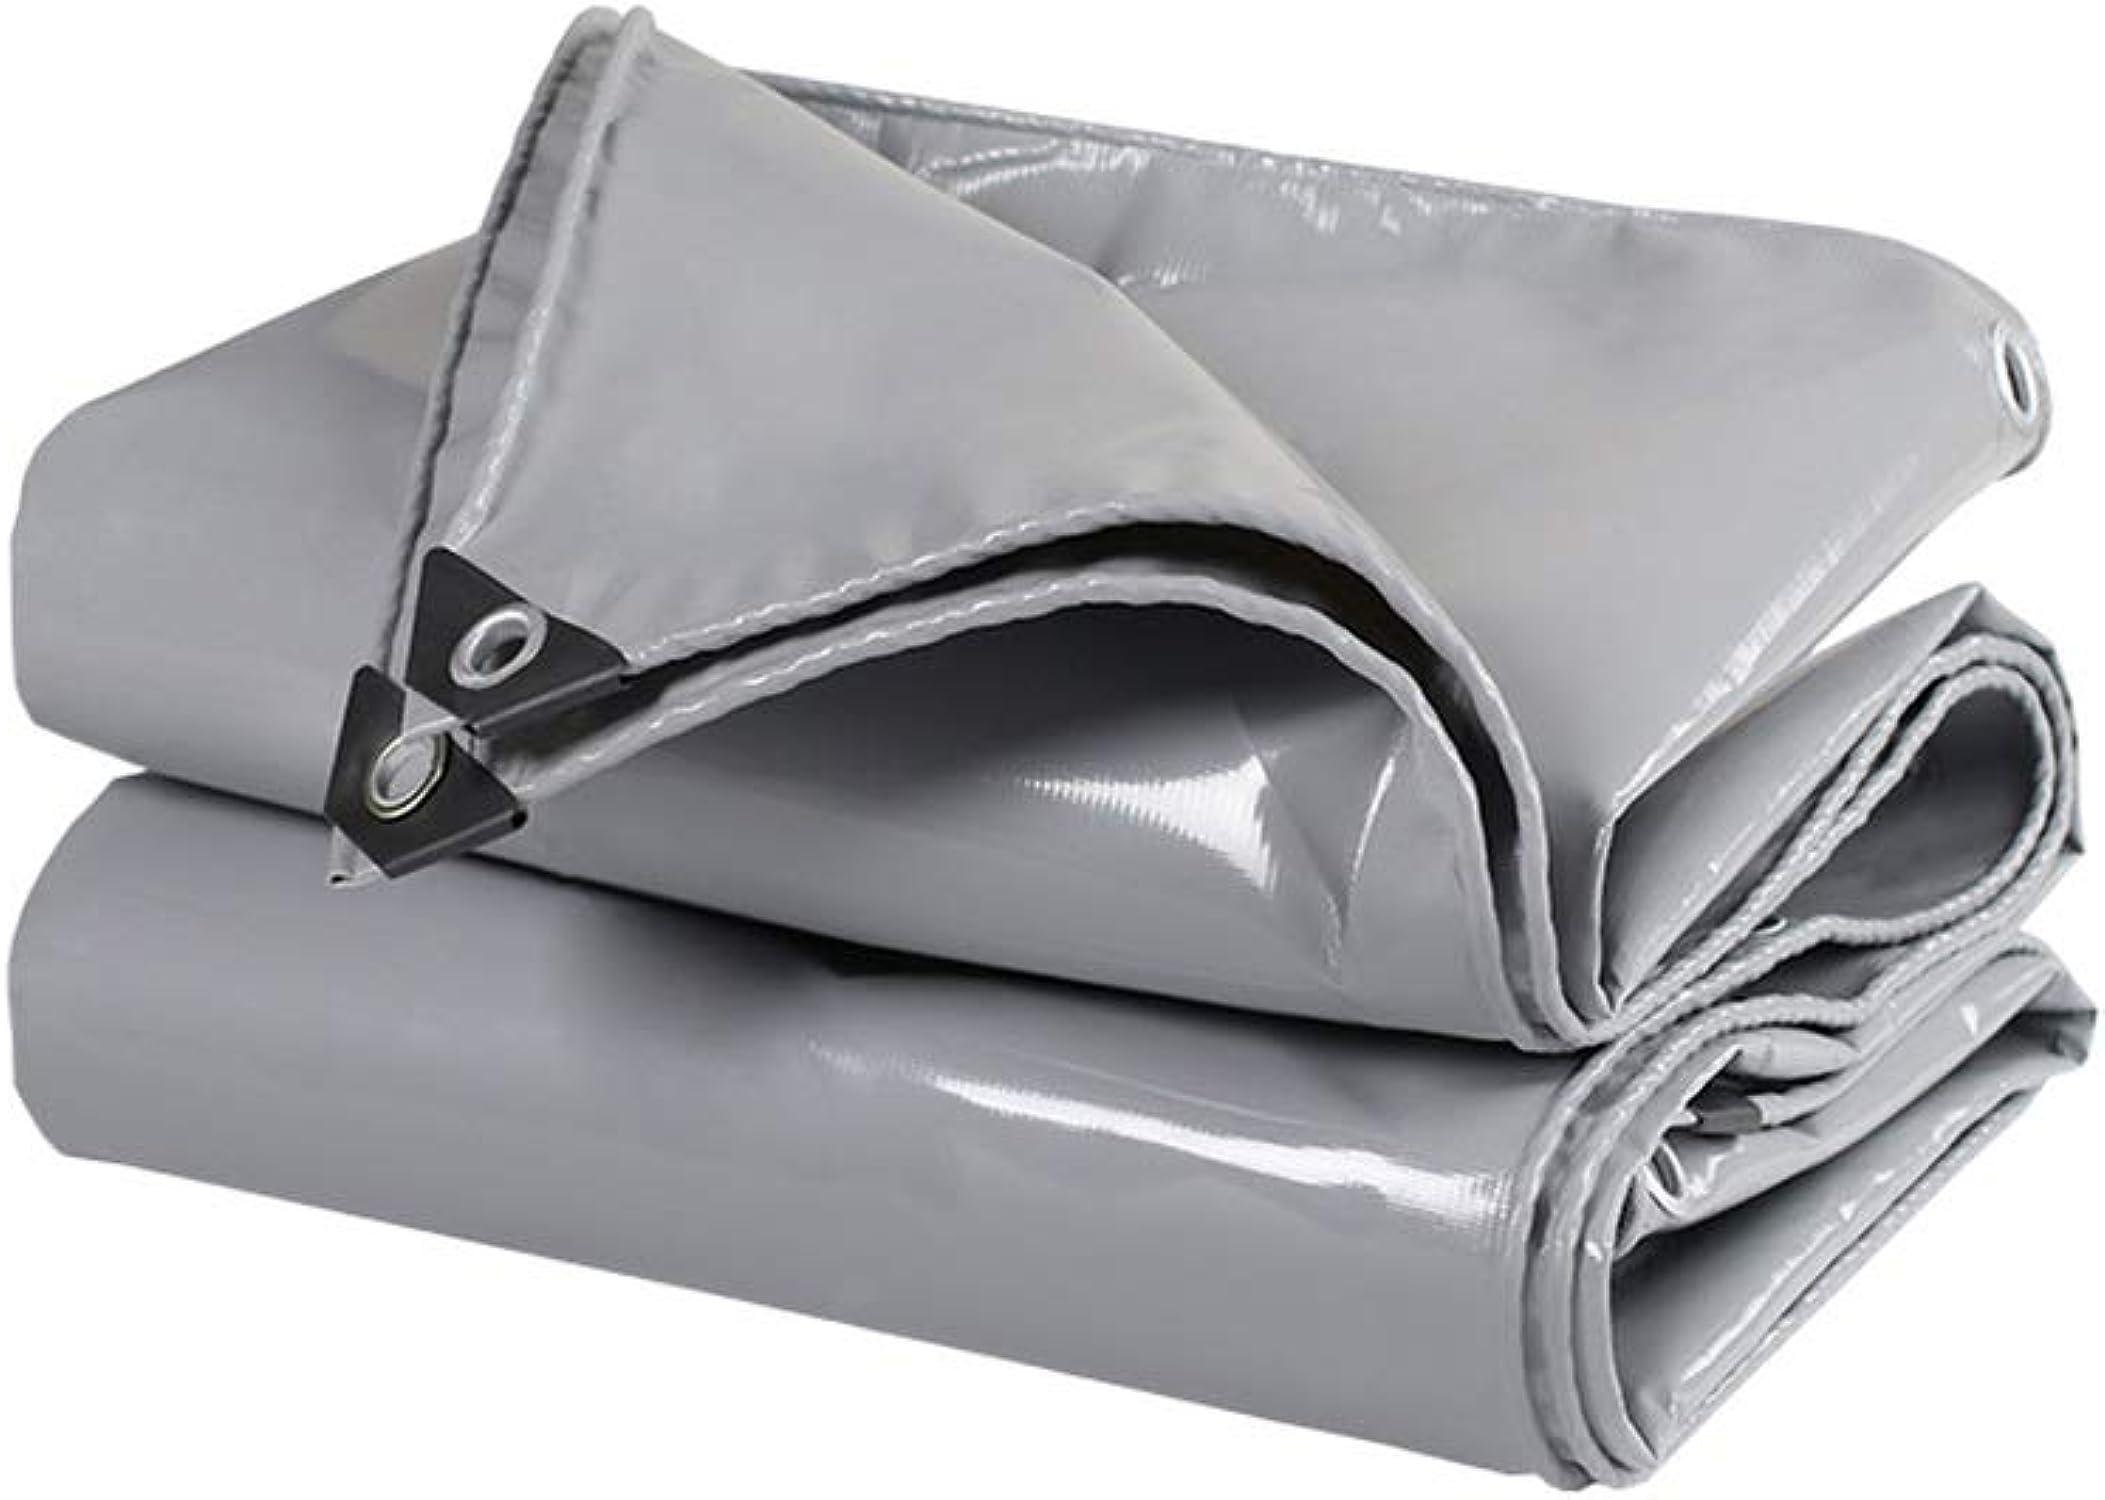 suministro de productos de calidad Lona más tela gruesa resistente al agua Pao a a a prueba de lluvia Sombra Pao de projoección solar Lona de lluvia Camión de lona exterior Acampar Jardinería Grosor 0.46 mm (Talla   2  1.5m)  la mejor oferta de tienda online